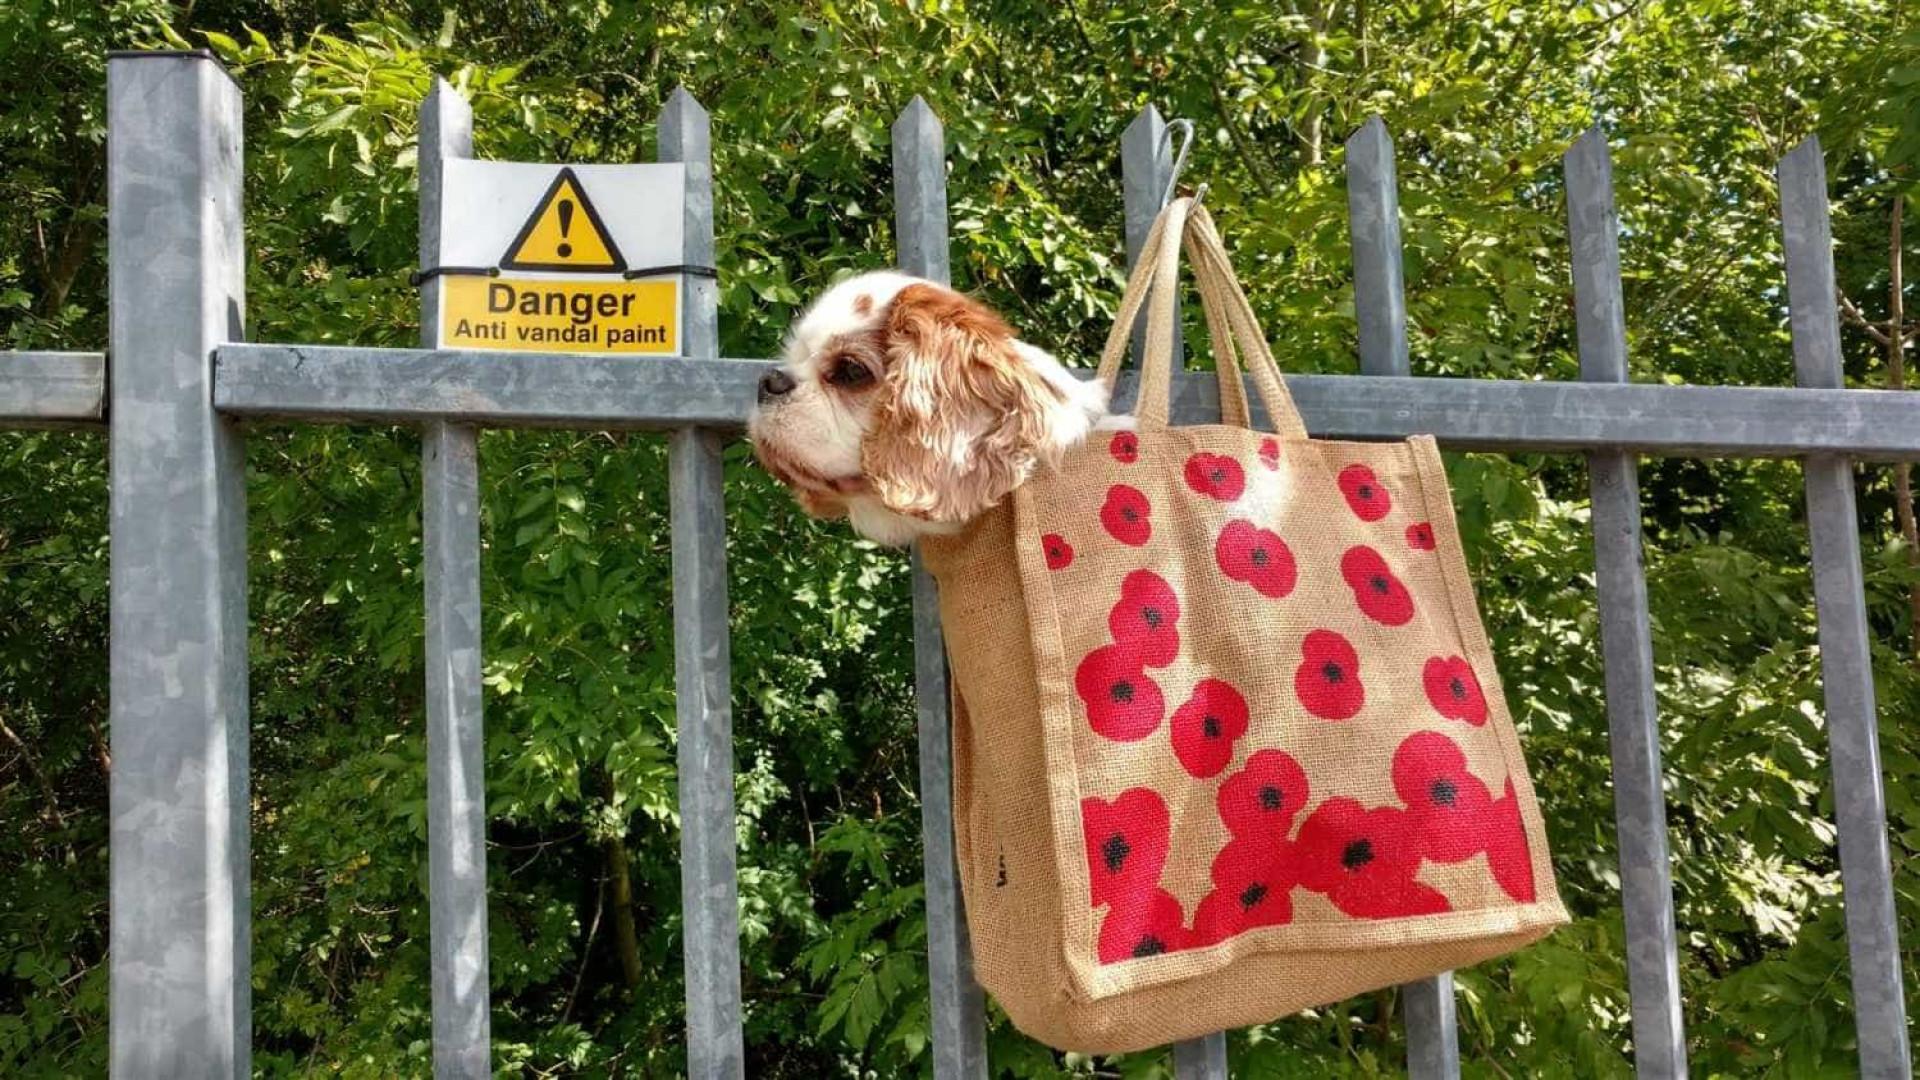 Cão com problemas de coração 'corre' o mundo numa mala